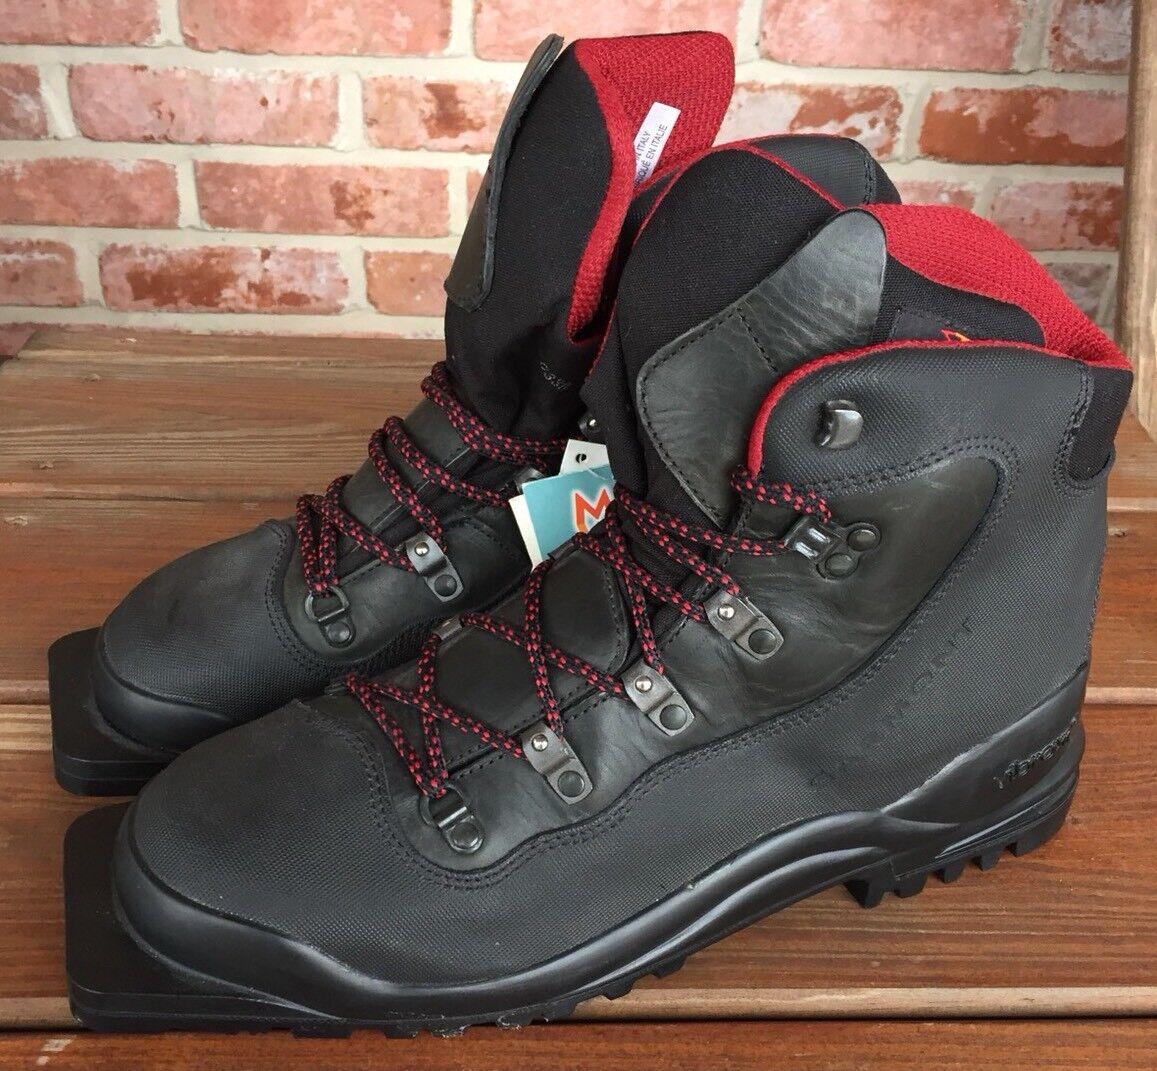 NWOB Garmont Mens Waterproof Gore Tex Tex Tex Hiking Ski Stiefel Vibram Größe 10  b9f07c